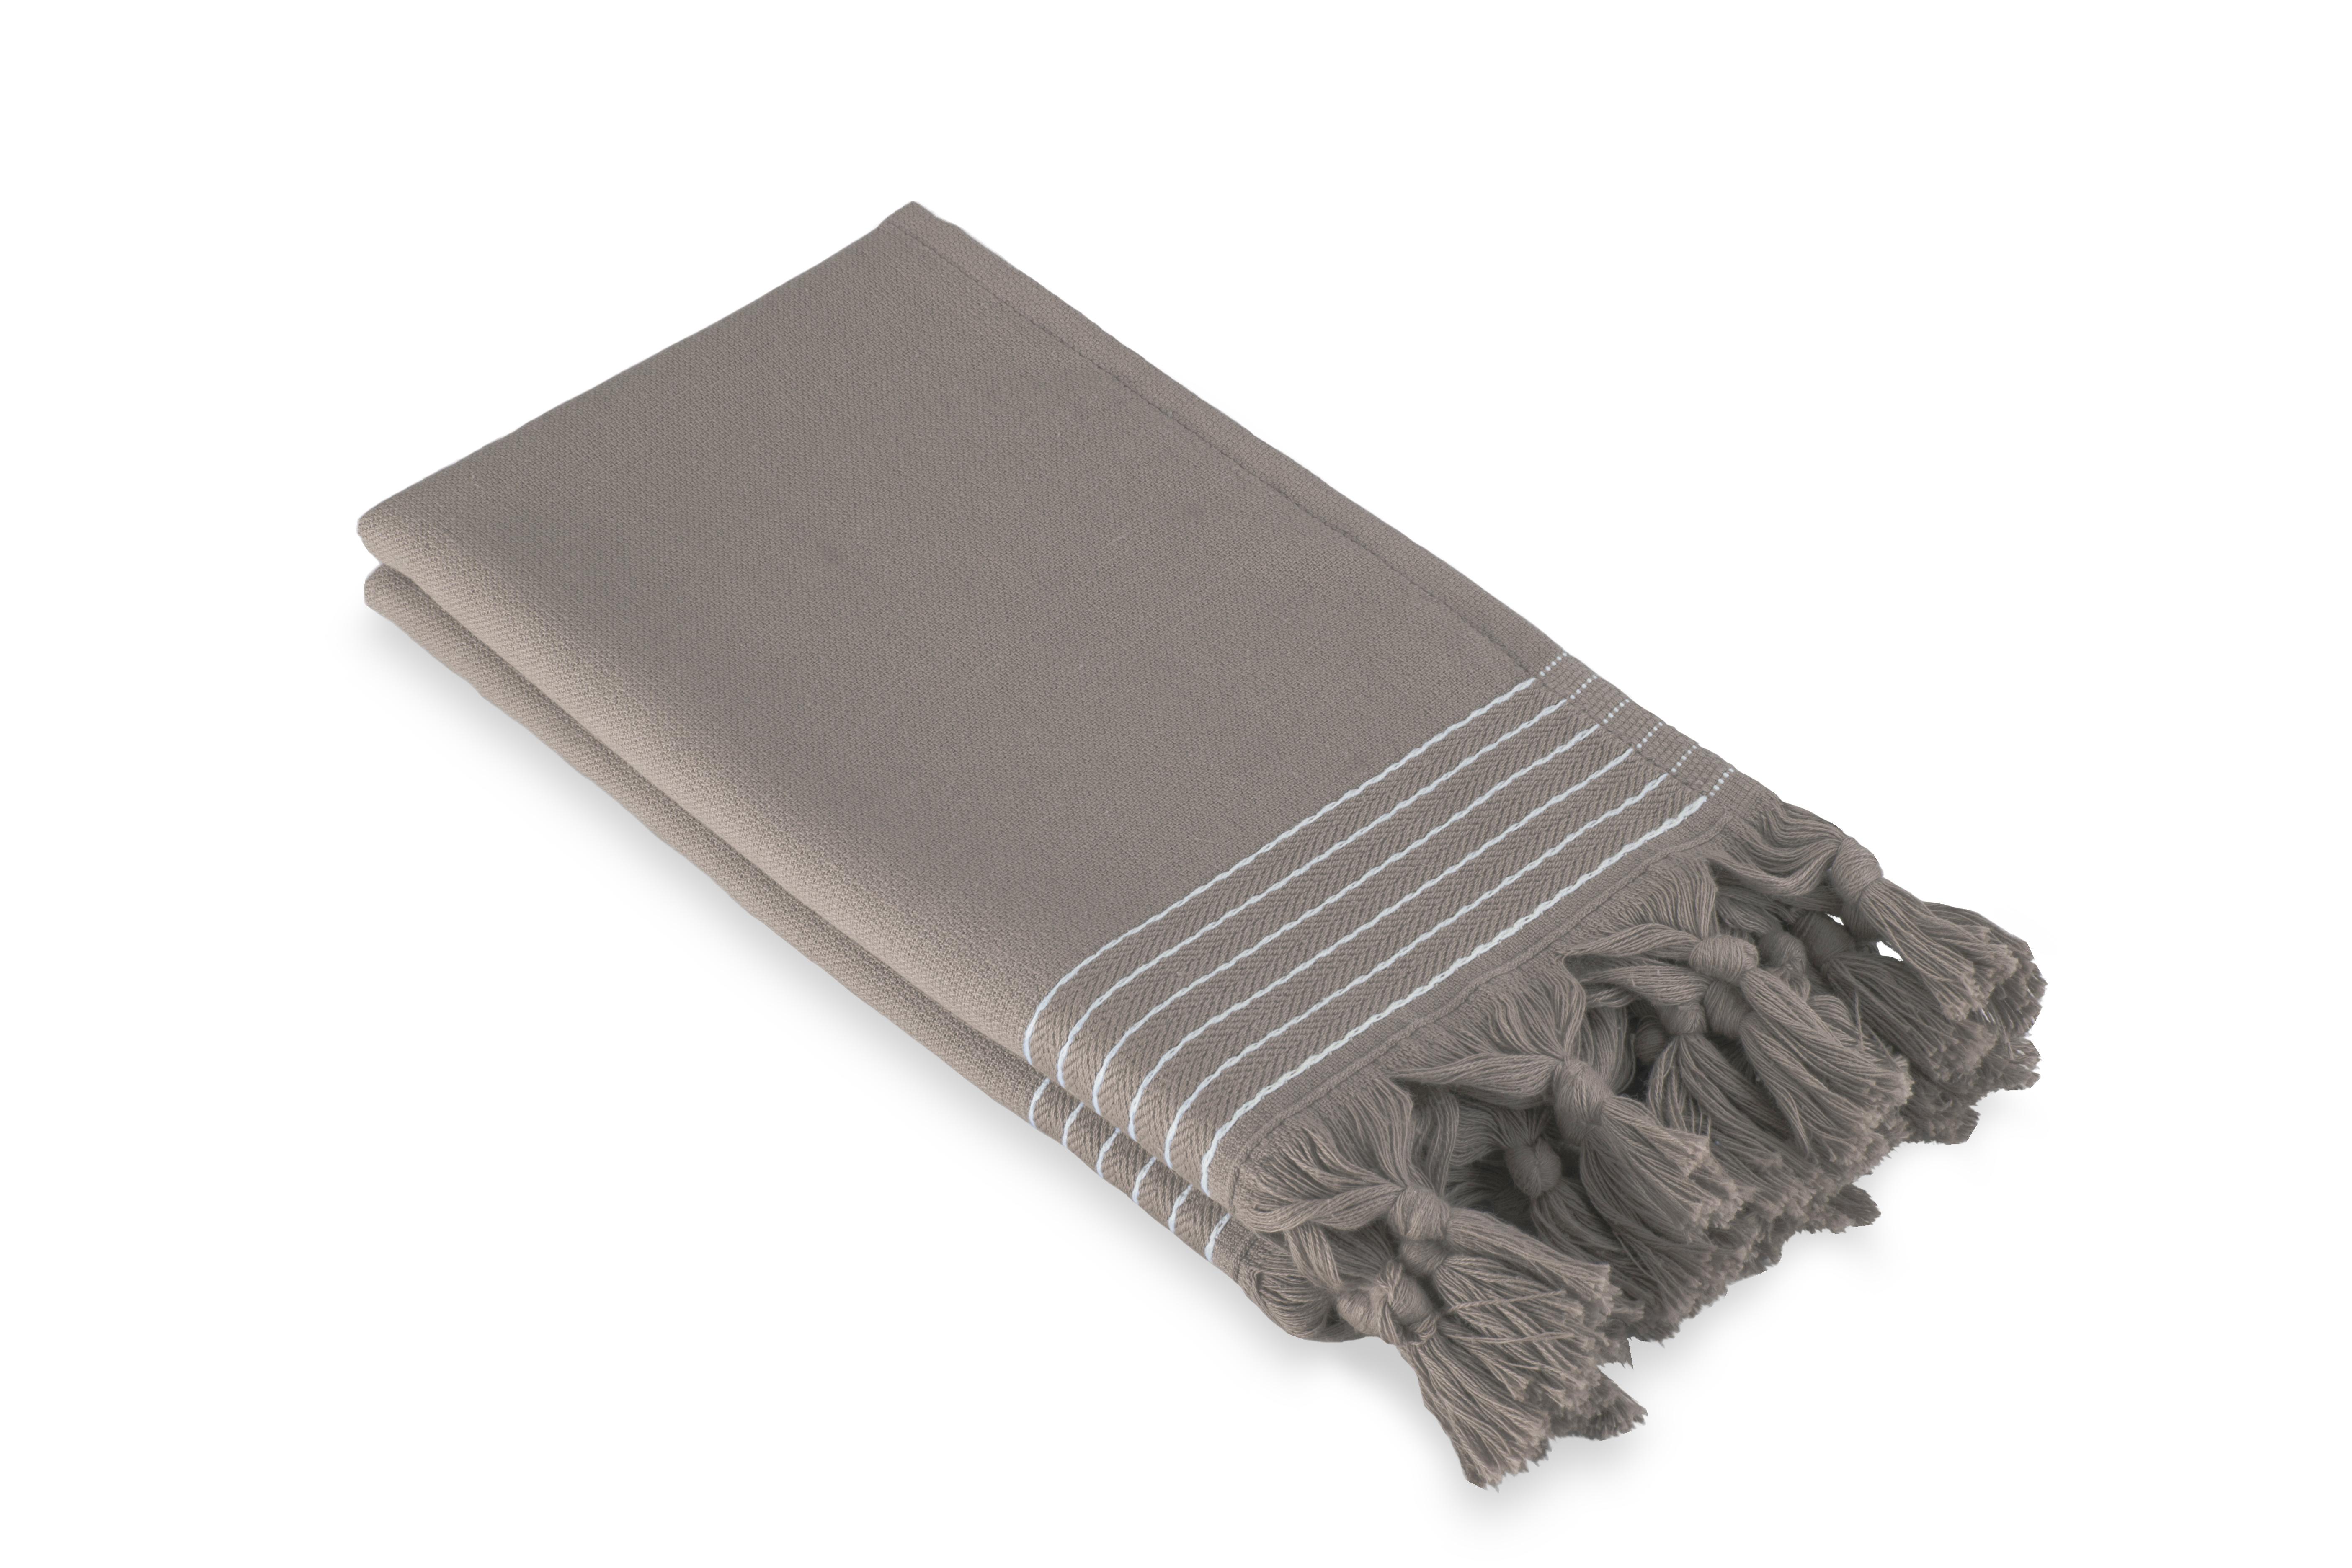 Gastendoek Walra Soft Katoen Hamam (30x50) Taupe - Set van 2